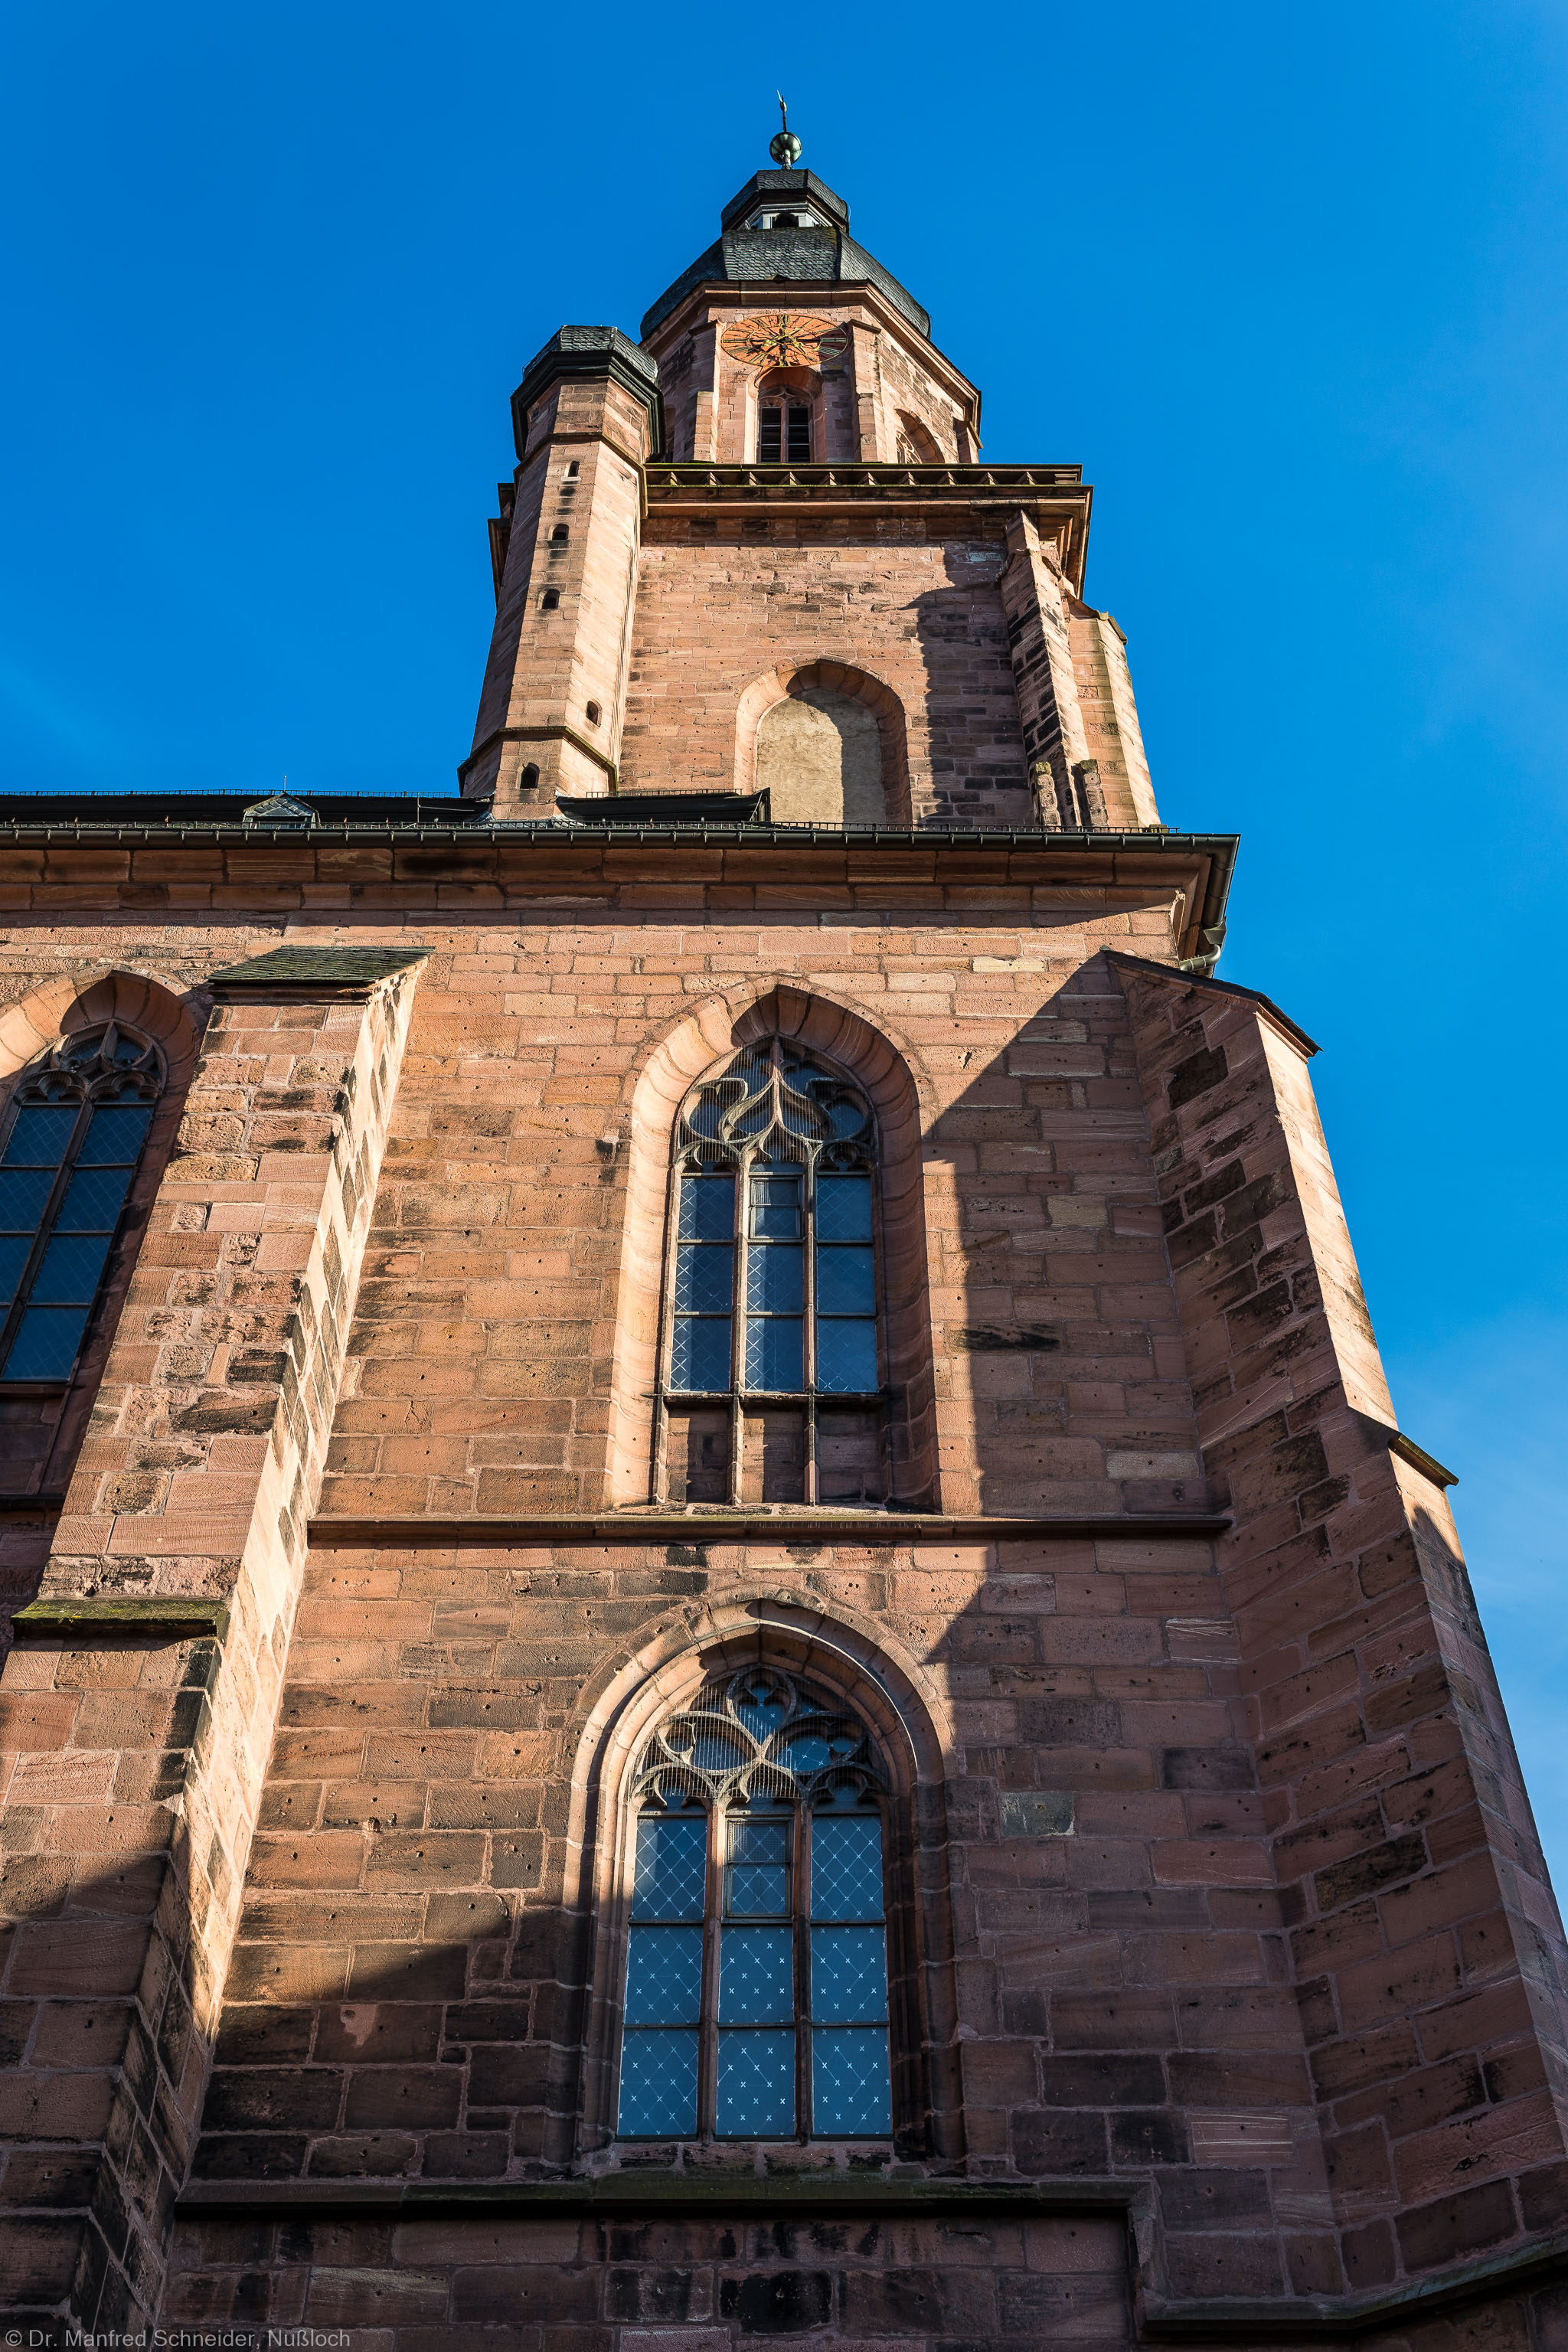 Heidelberg - Heiliggeistkirche - Aussen / Nord - Blick nach oben auf den nördlichen Westbau und den Turm  (aufgenommen im Juni 2015, am frühen Abend)